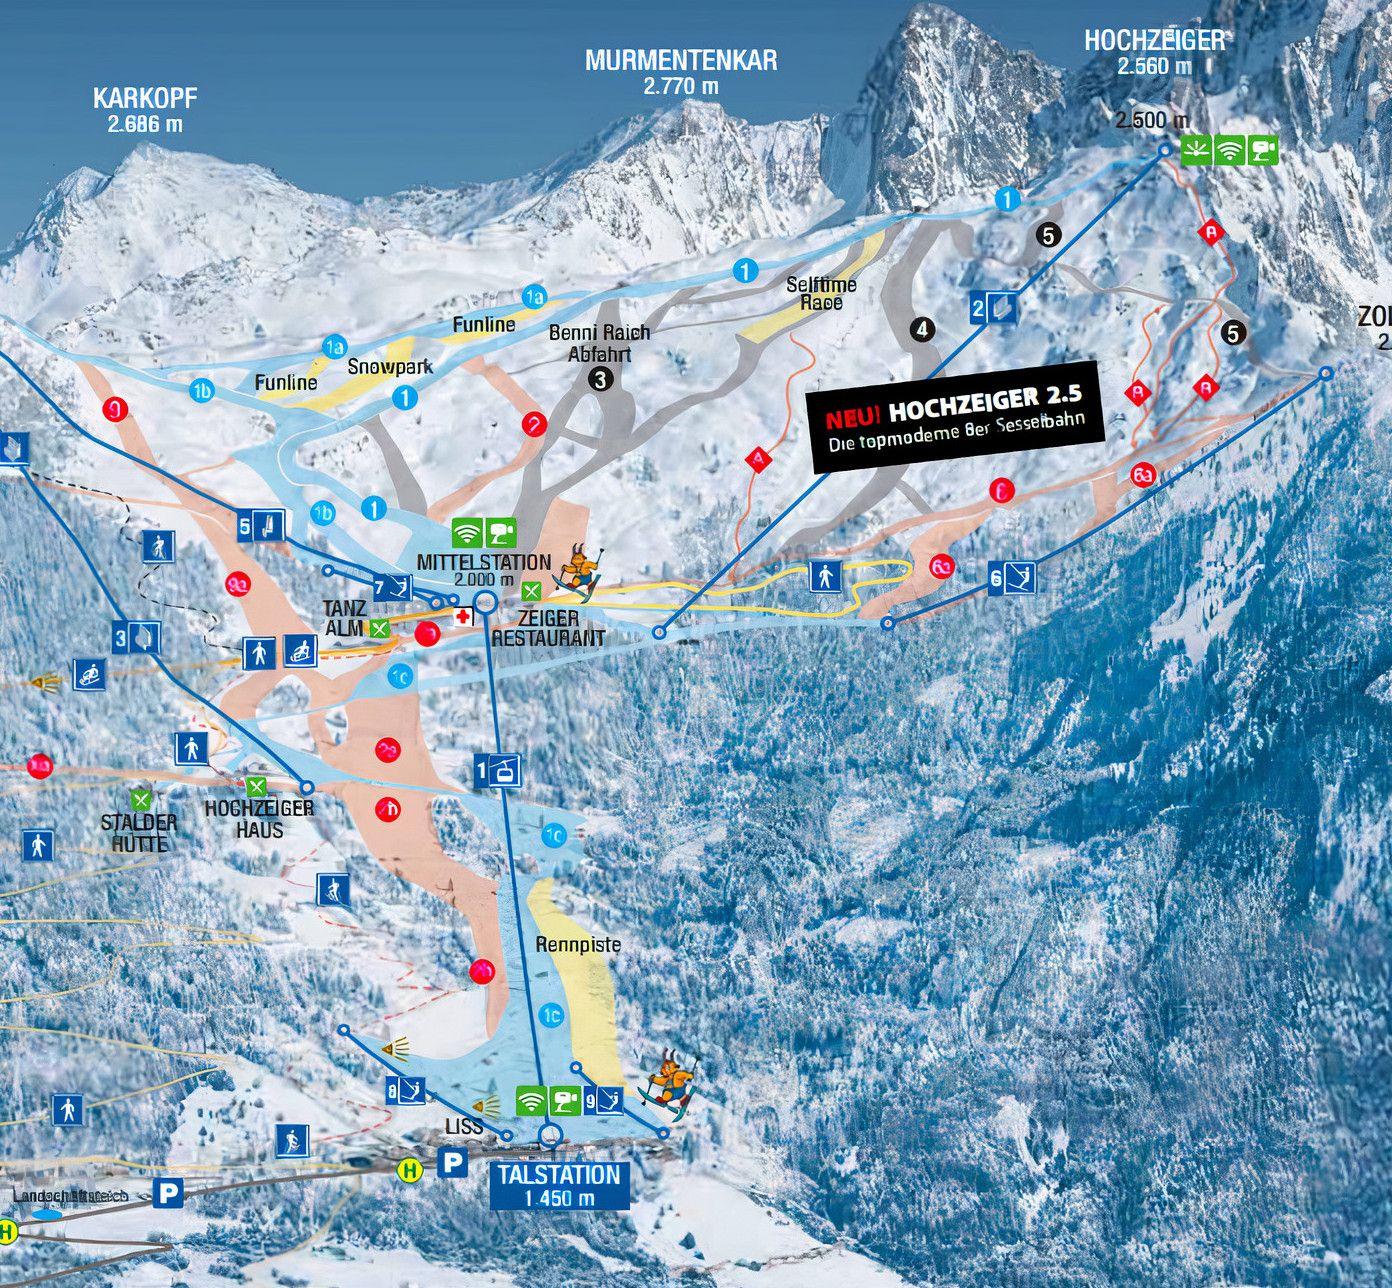 Treffpunkte Skischule Hochzeiger